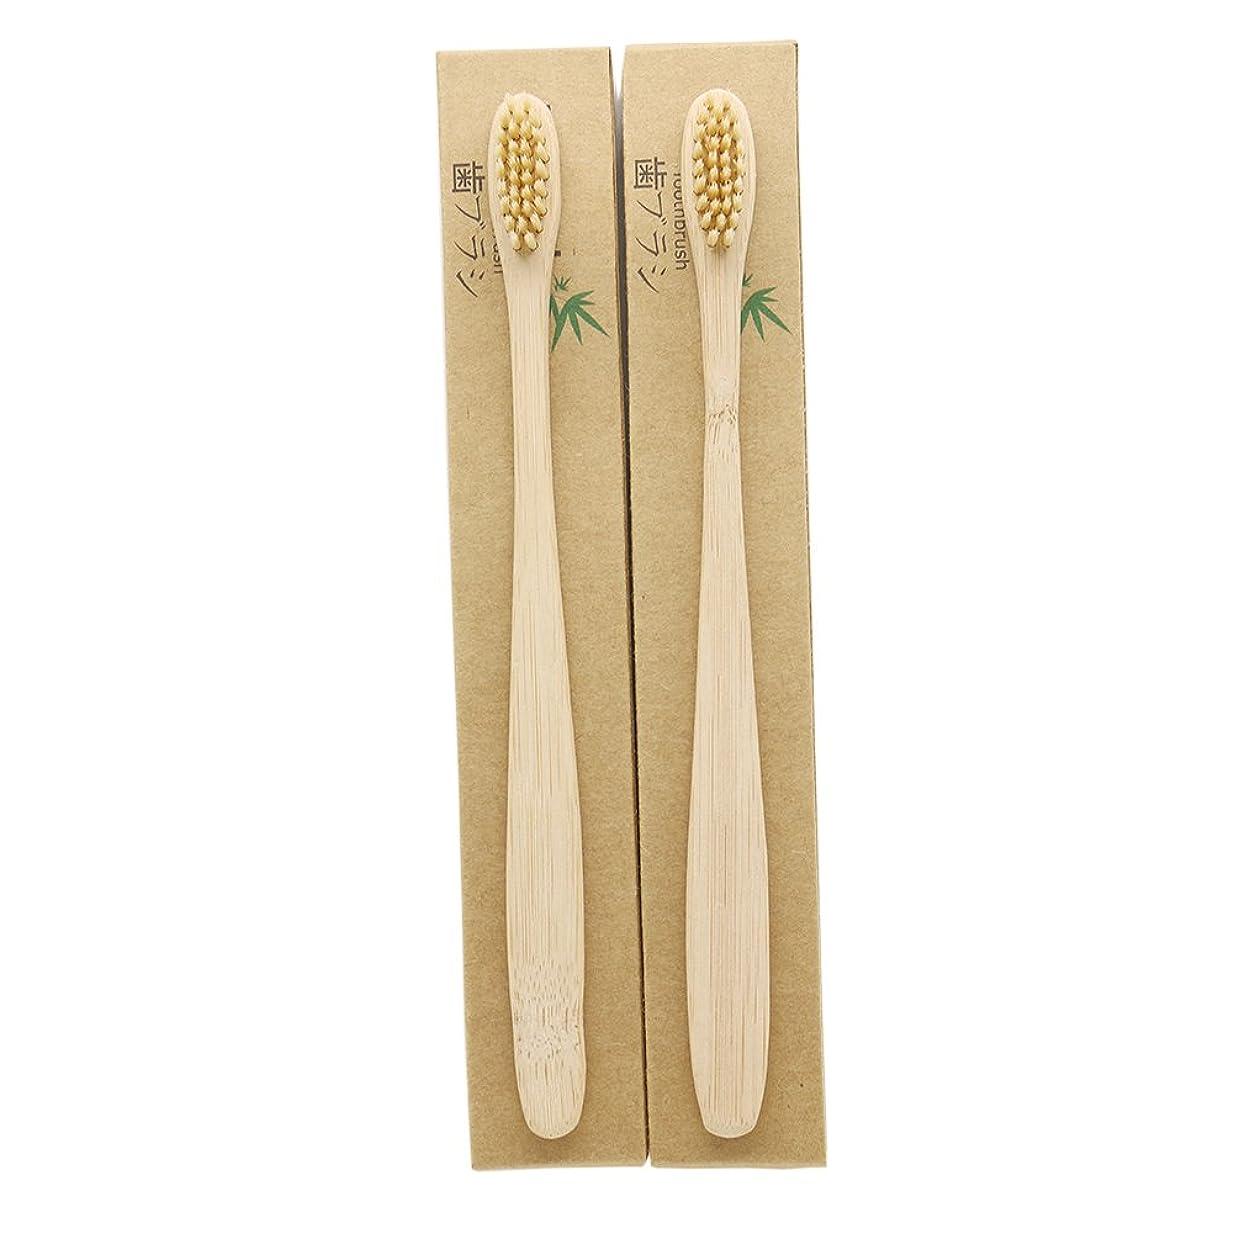 優れた出費最小N-amboo 竹製耐久度高い 歯ブラシ 2本入り セット エコ ヘッド小さい クリ—ム色